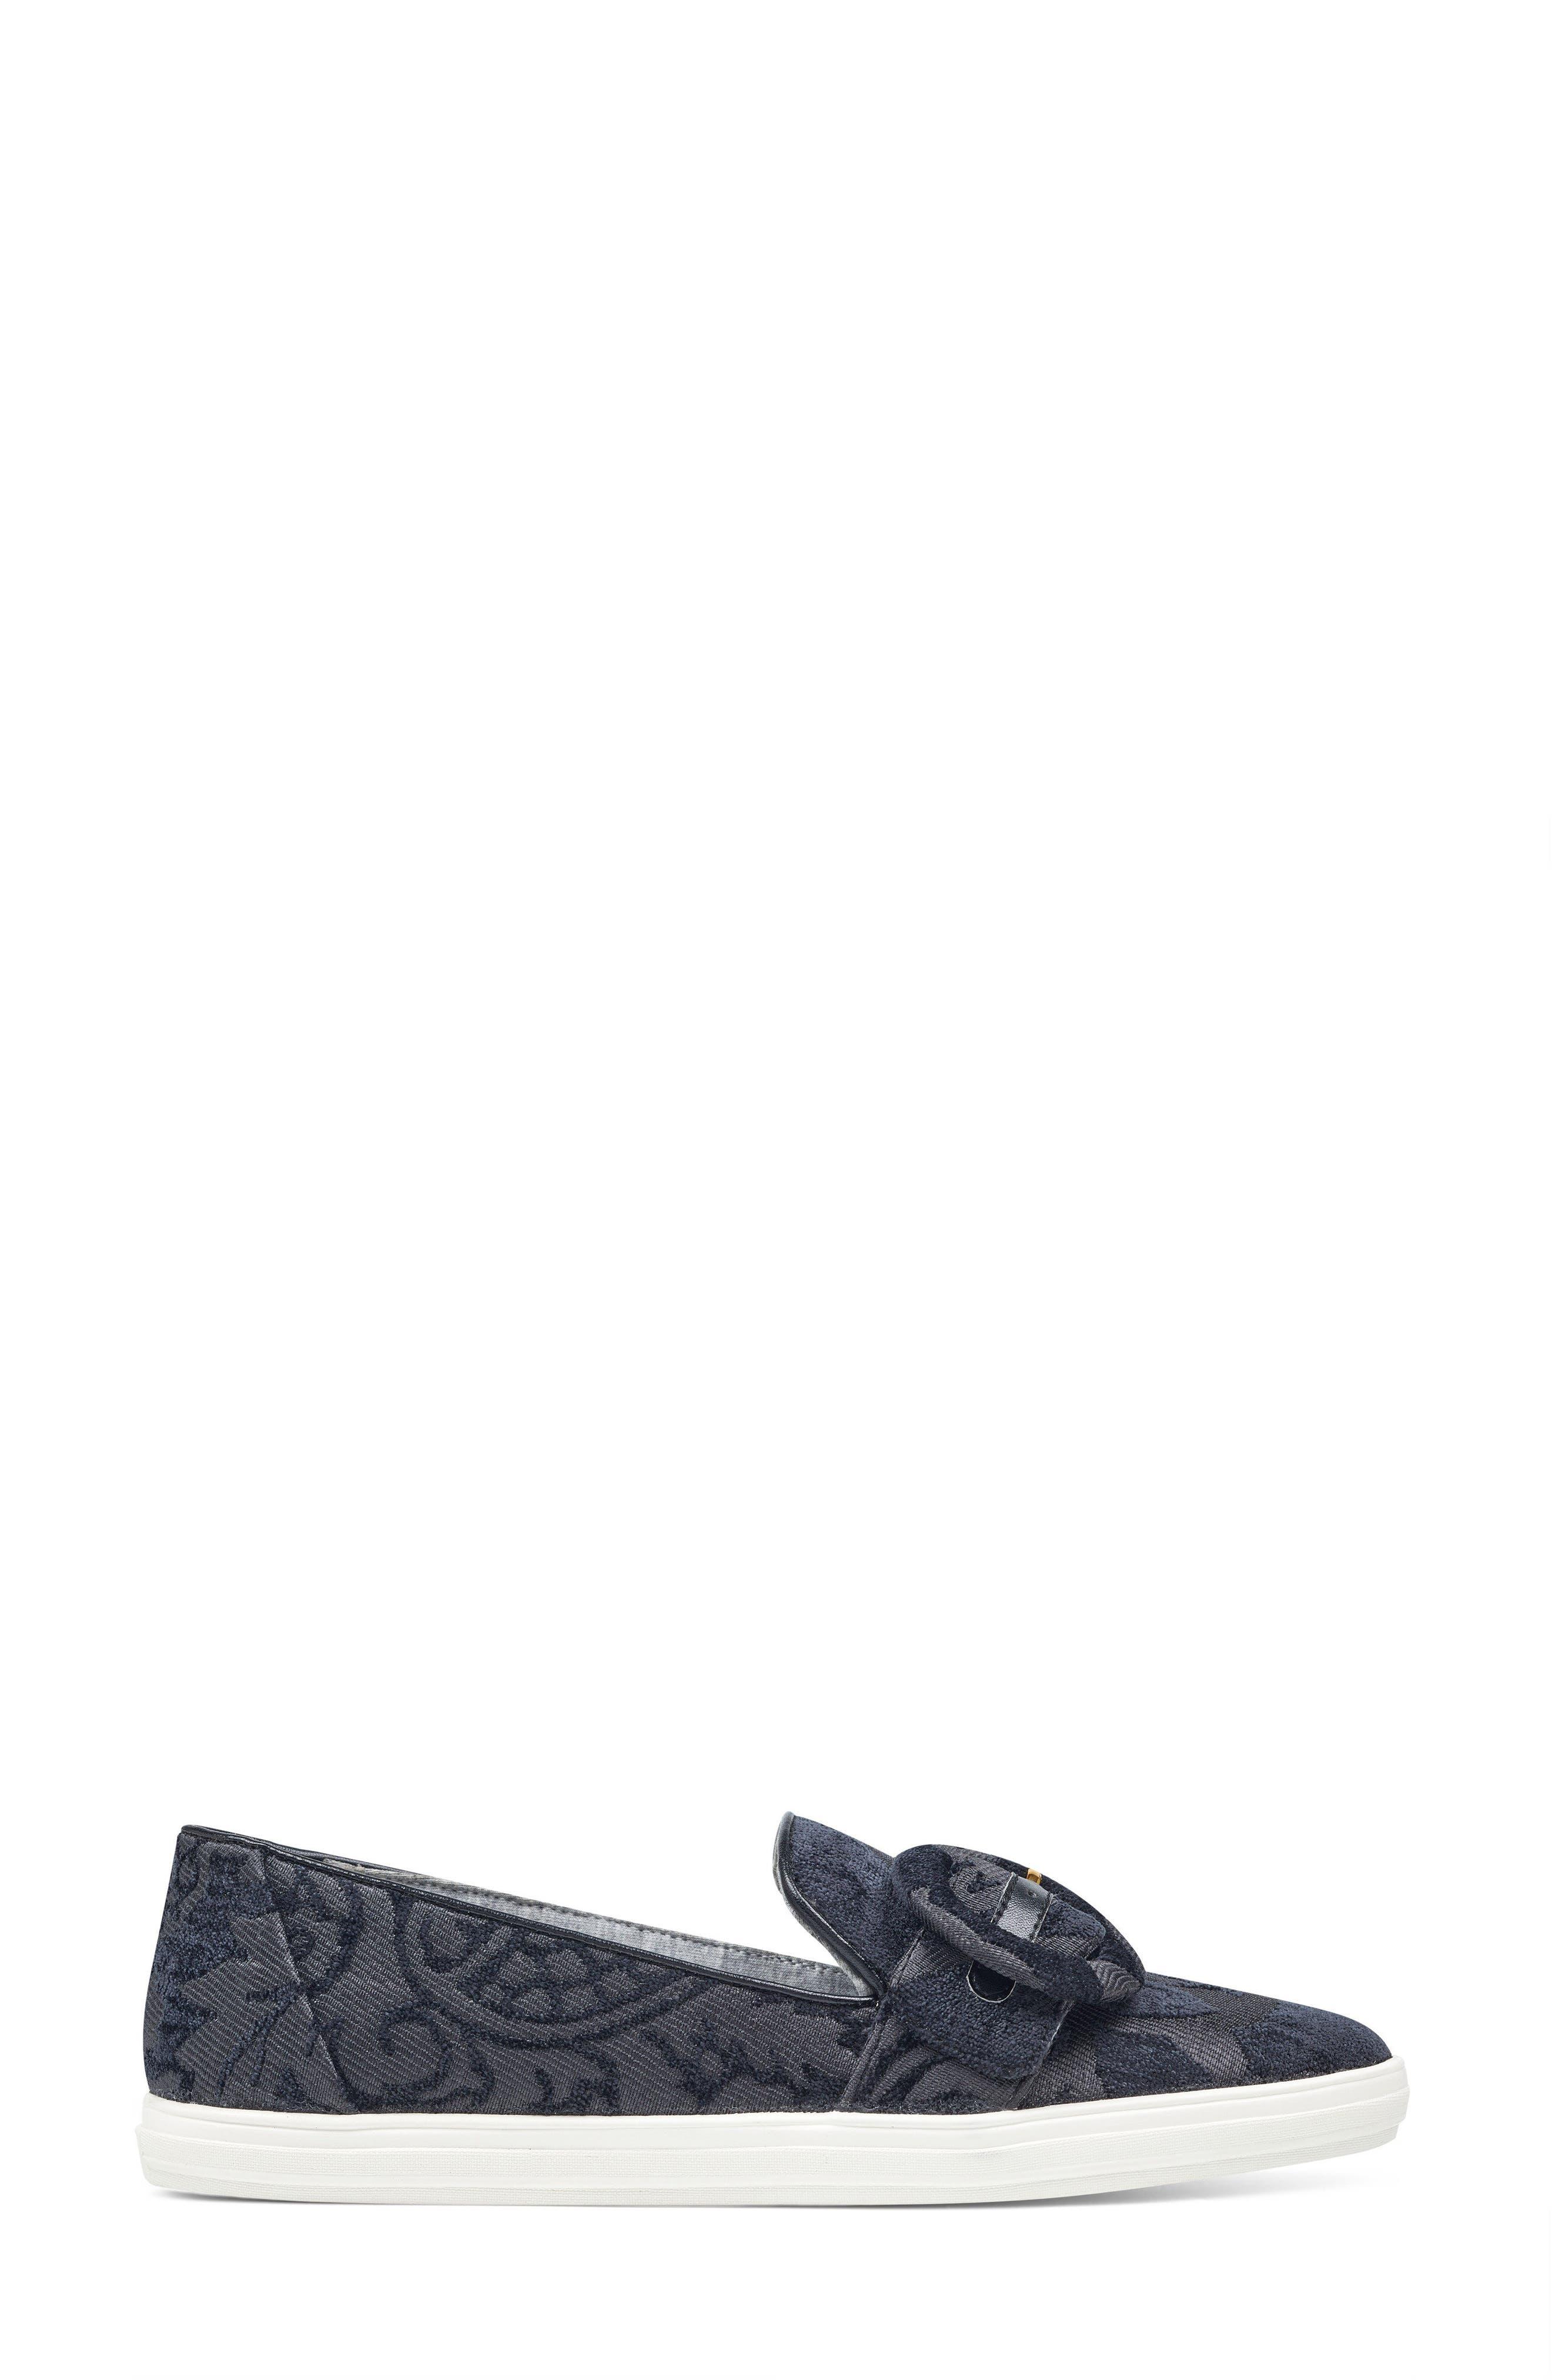 Alternate Image 3  - Nine West Shireene Slip-On Sneaker (Women)